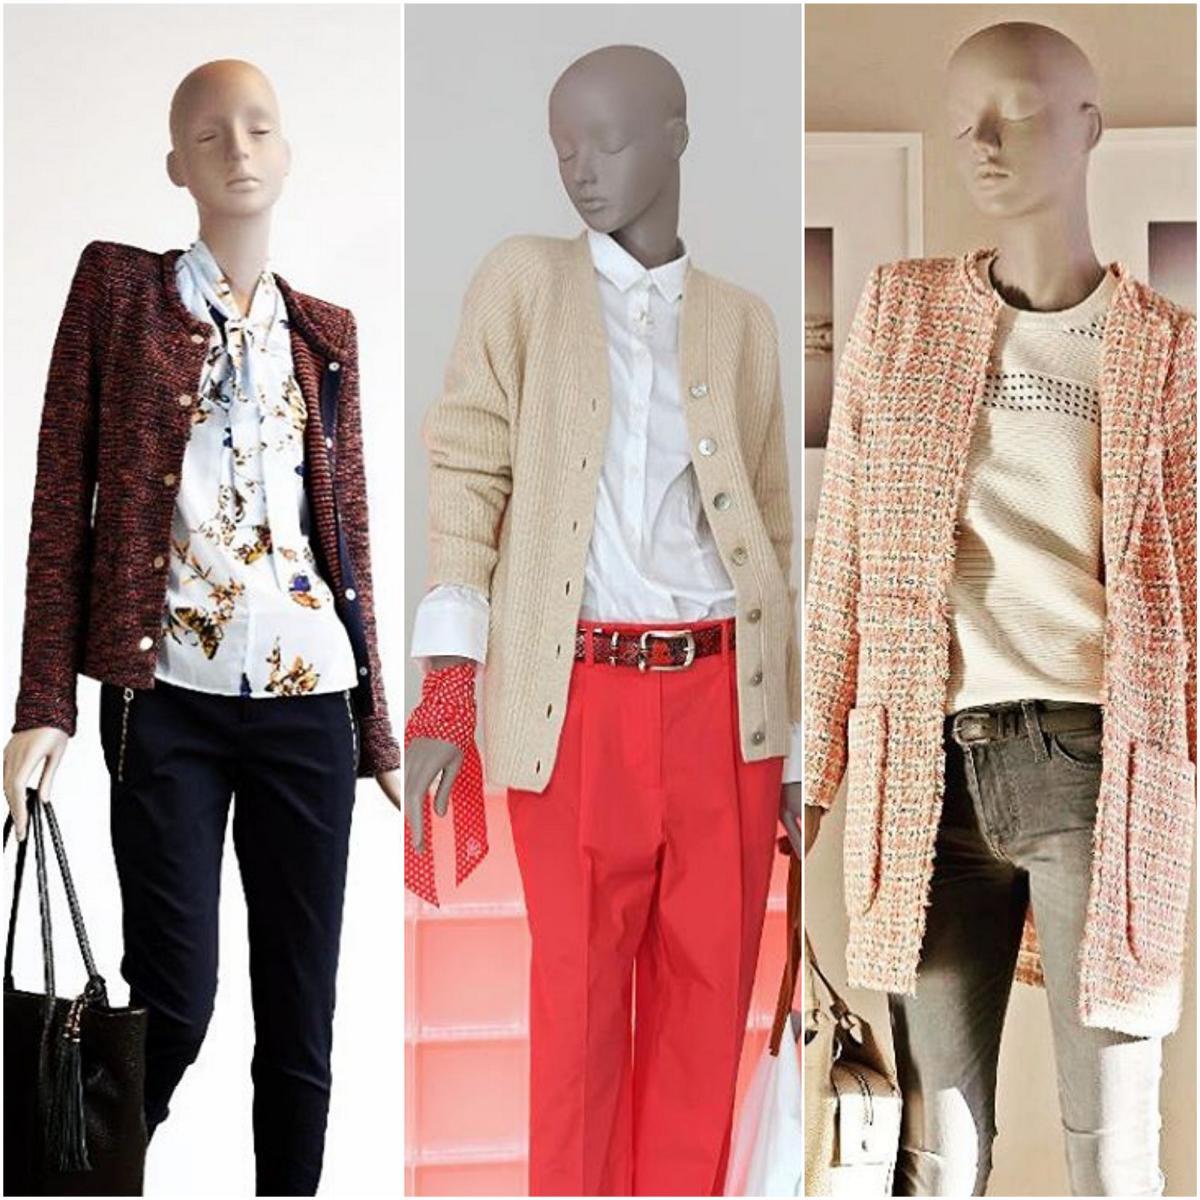 Style Hannover Standart 11 - STANDART FINEST WOMEN'S CLOTHING & ART